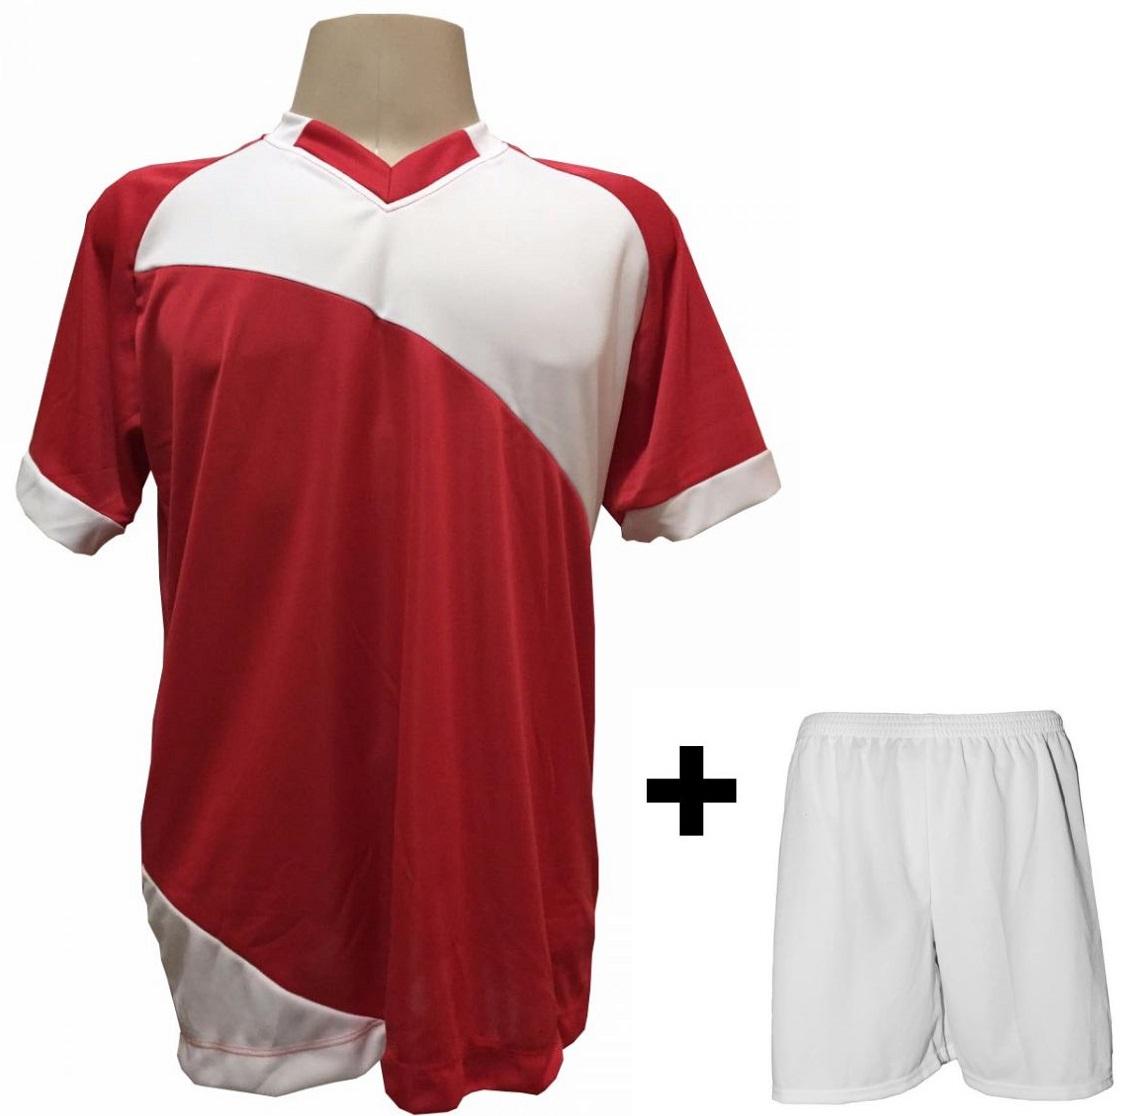 Uniforme Esportivo com 20 camisas modelo Bélgica Vermelho/Branco + 20 calções modelo Madrid Branco + Brindes